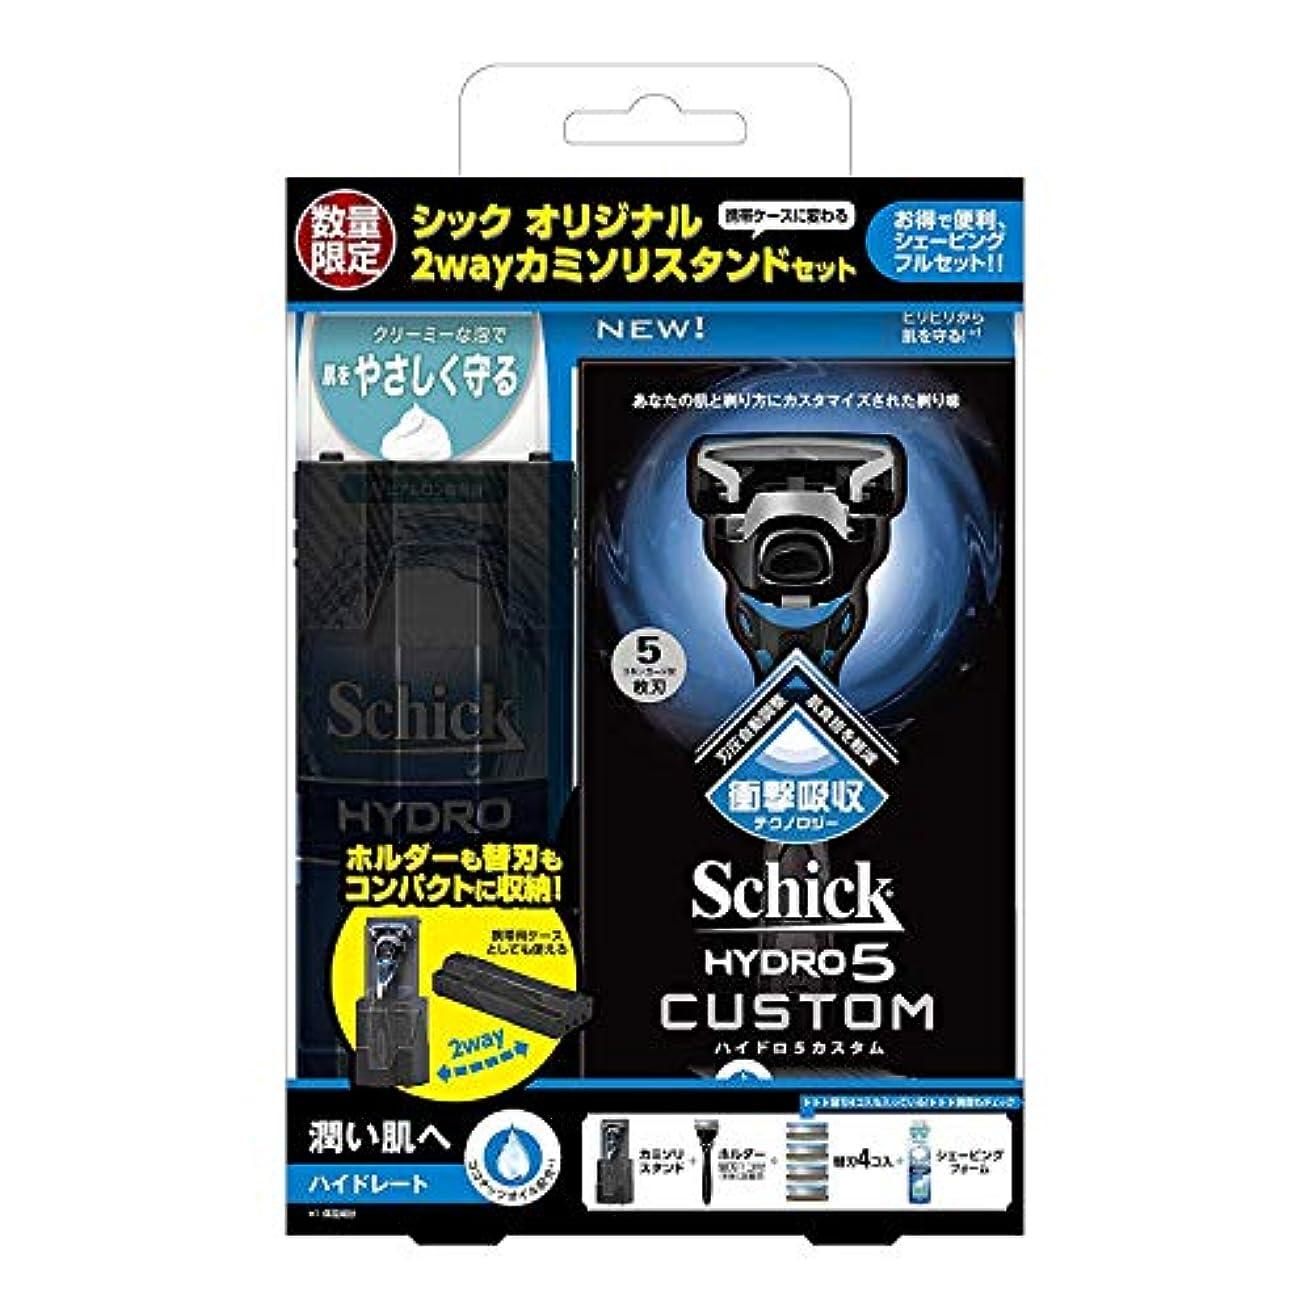 彫刻家風刺ガードシック Schick 5枚刃 ハイドロ5 カスタム ハイドレート スペシャルパック 替刃5コ付 (替刃は本体に装着済み) 男性 カミソリ